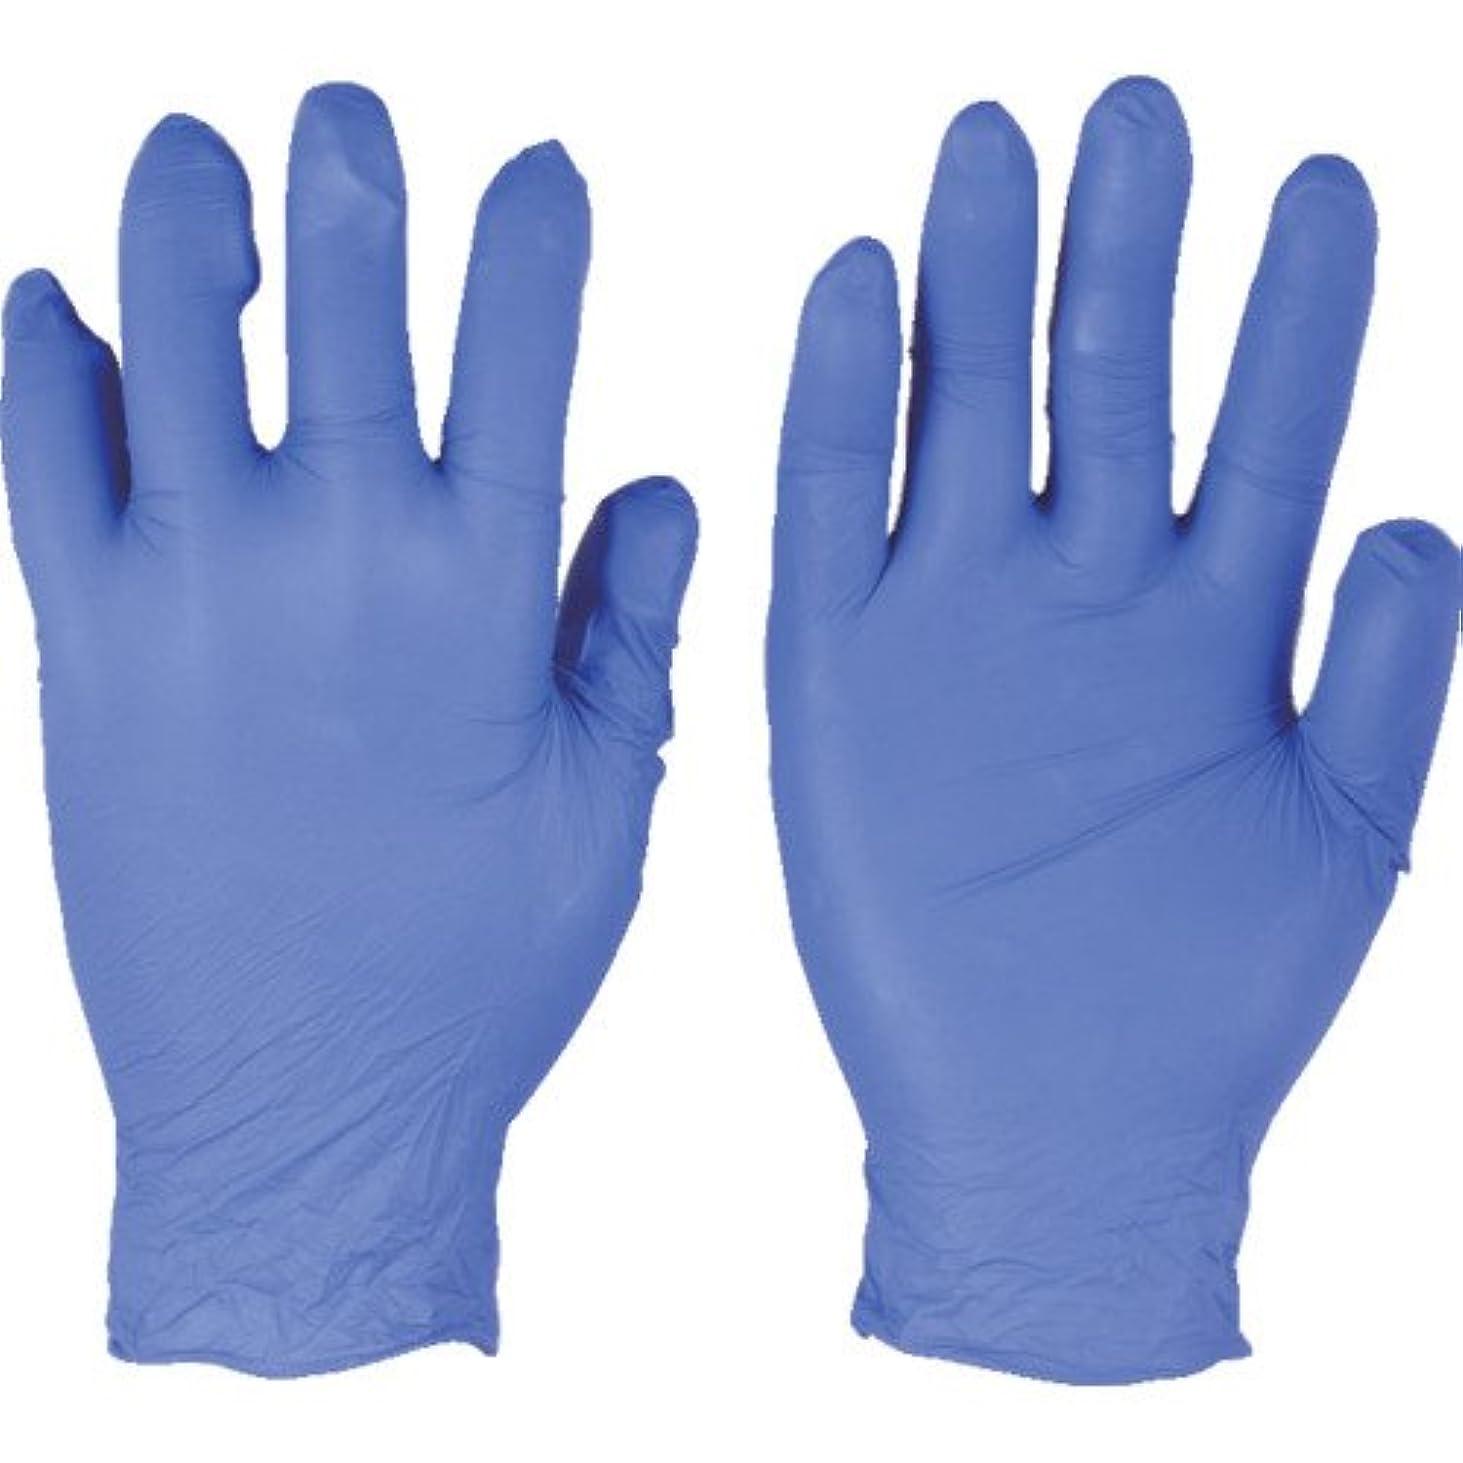 受付百年マトロントラスコ中山 アンセル ニトリルゴム使い捨て手袋 エッジ 82-133 Mサイズ(300枚入り)  (300枚入) 821338